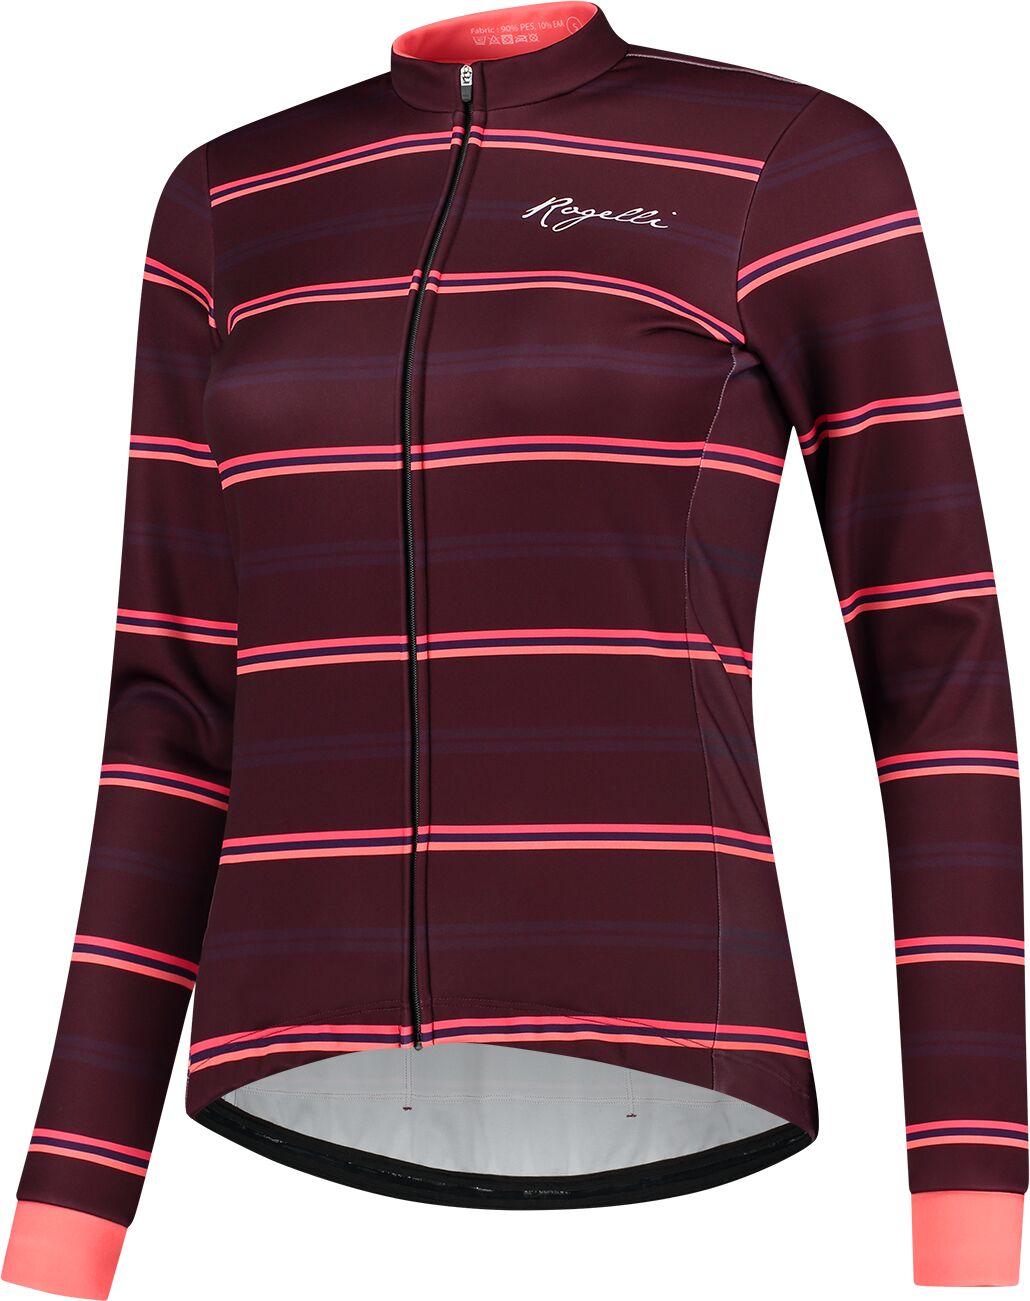 ROGELLI zimowa kurtka rowerowa damska STRIPE bordeaux/coral ROG351089 Rozmiar: XL,ROG351089.XS